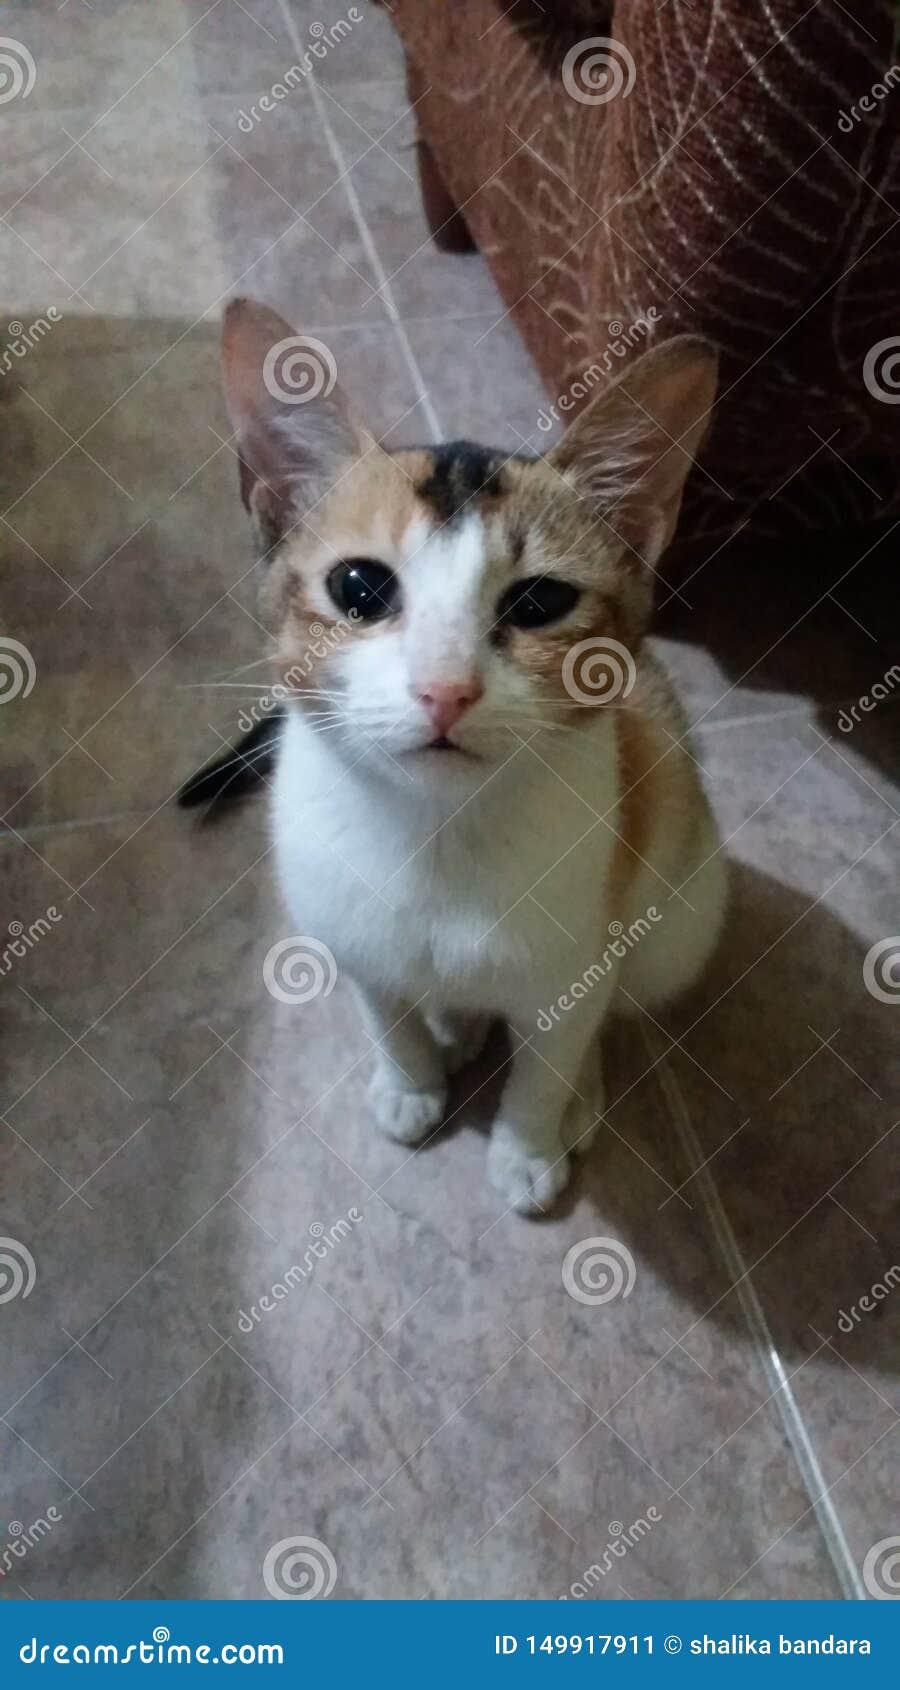 Cute little cat in the home